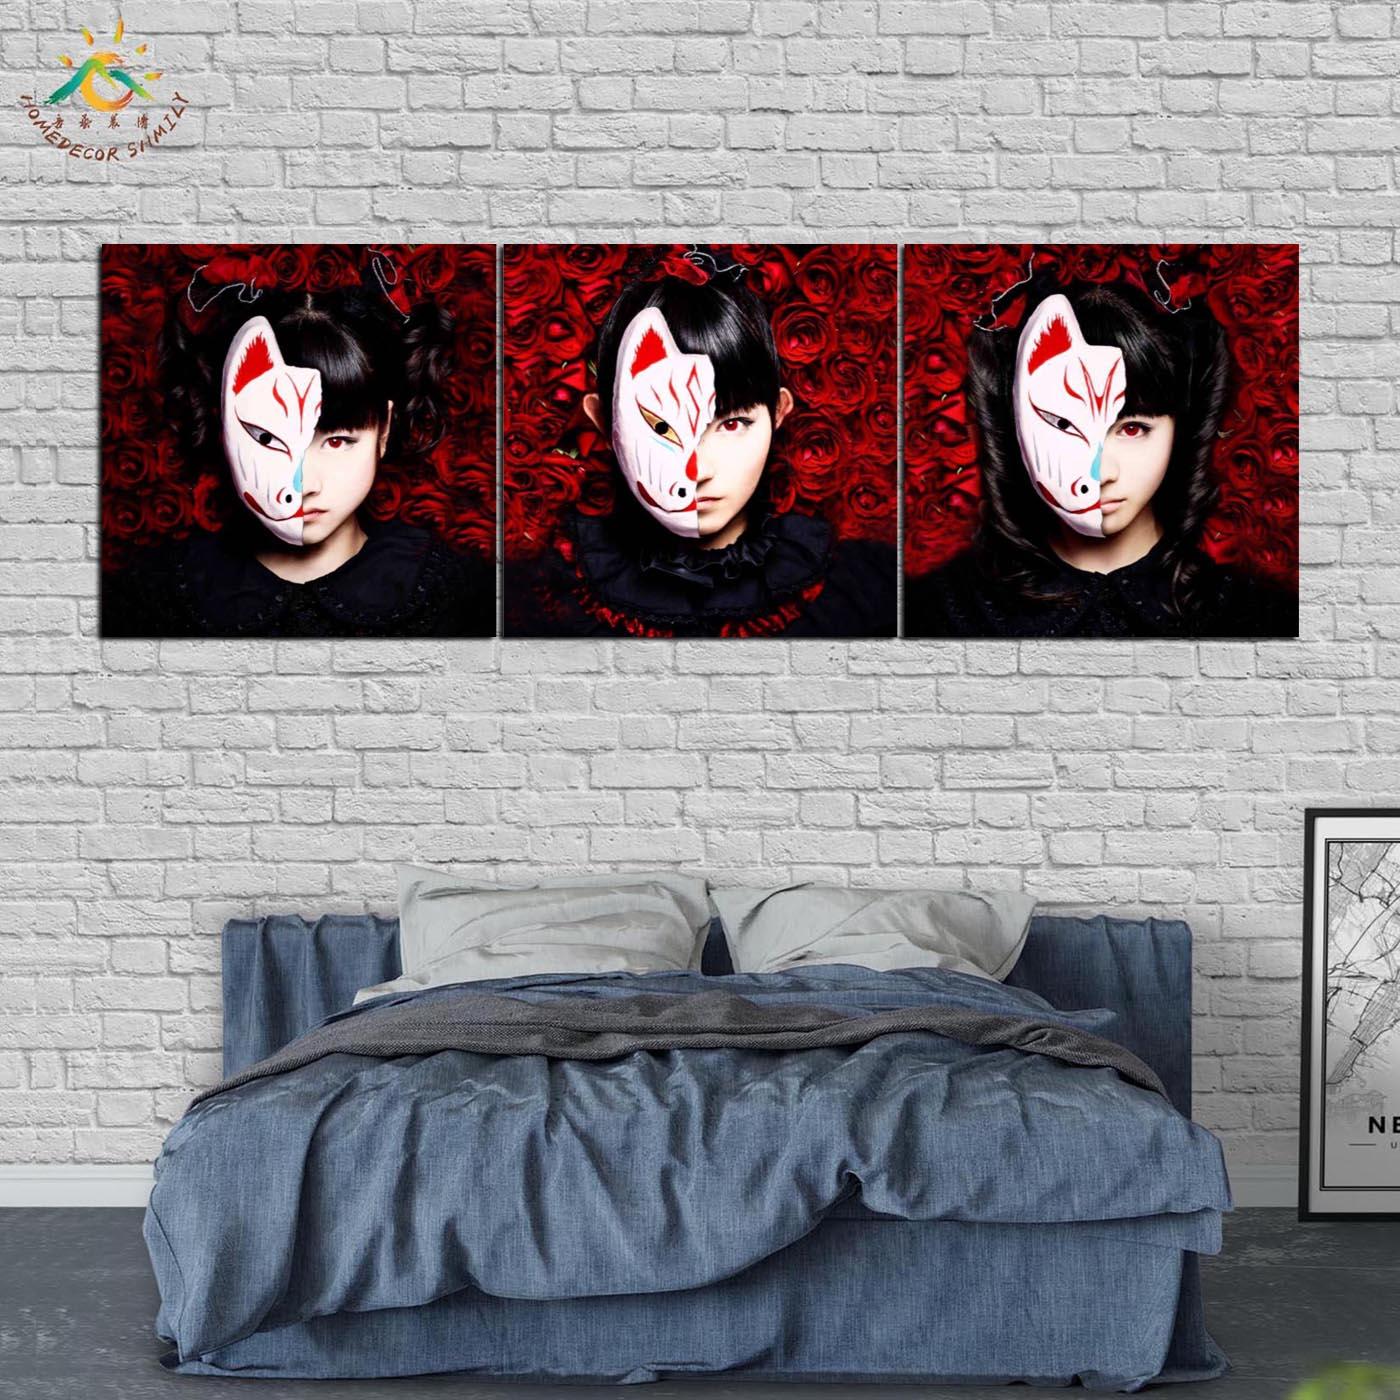 купить!  Японская Роза Маска Девушка Wall Art HD Отпечатки На Холсте Принт Живопись Картина Холст Картины